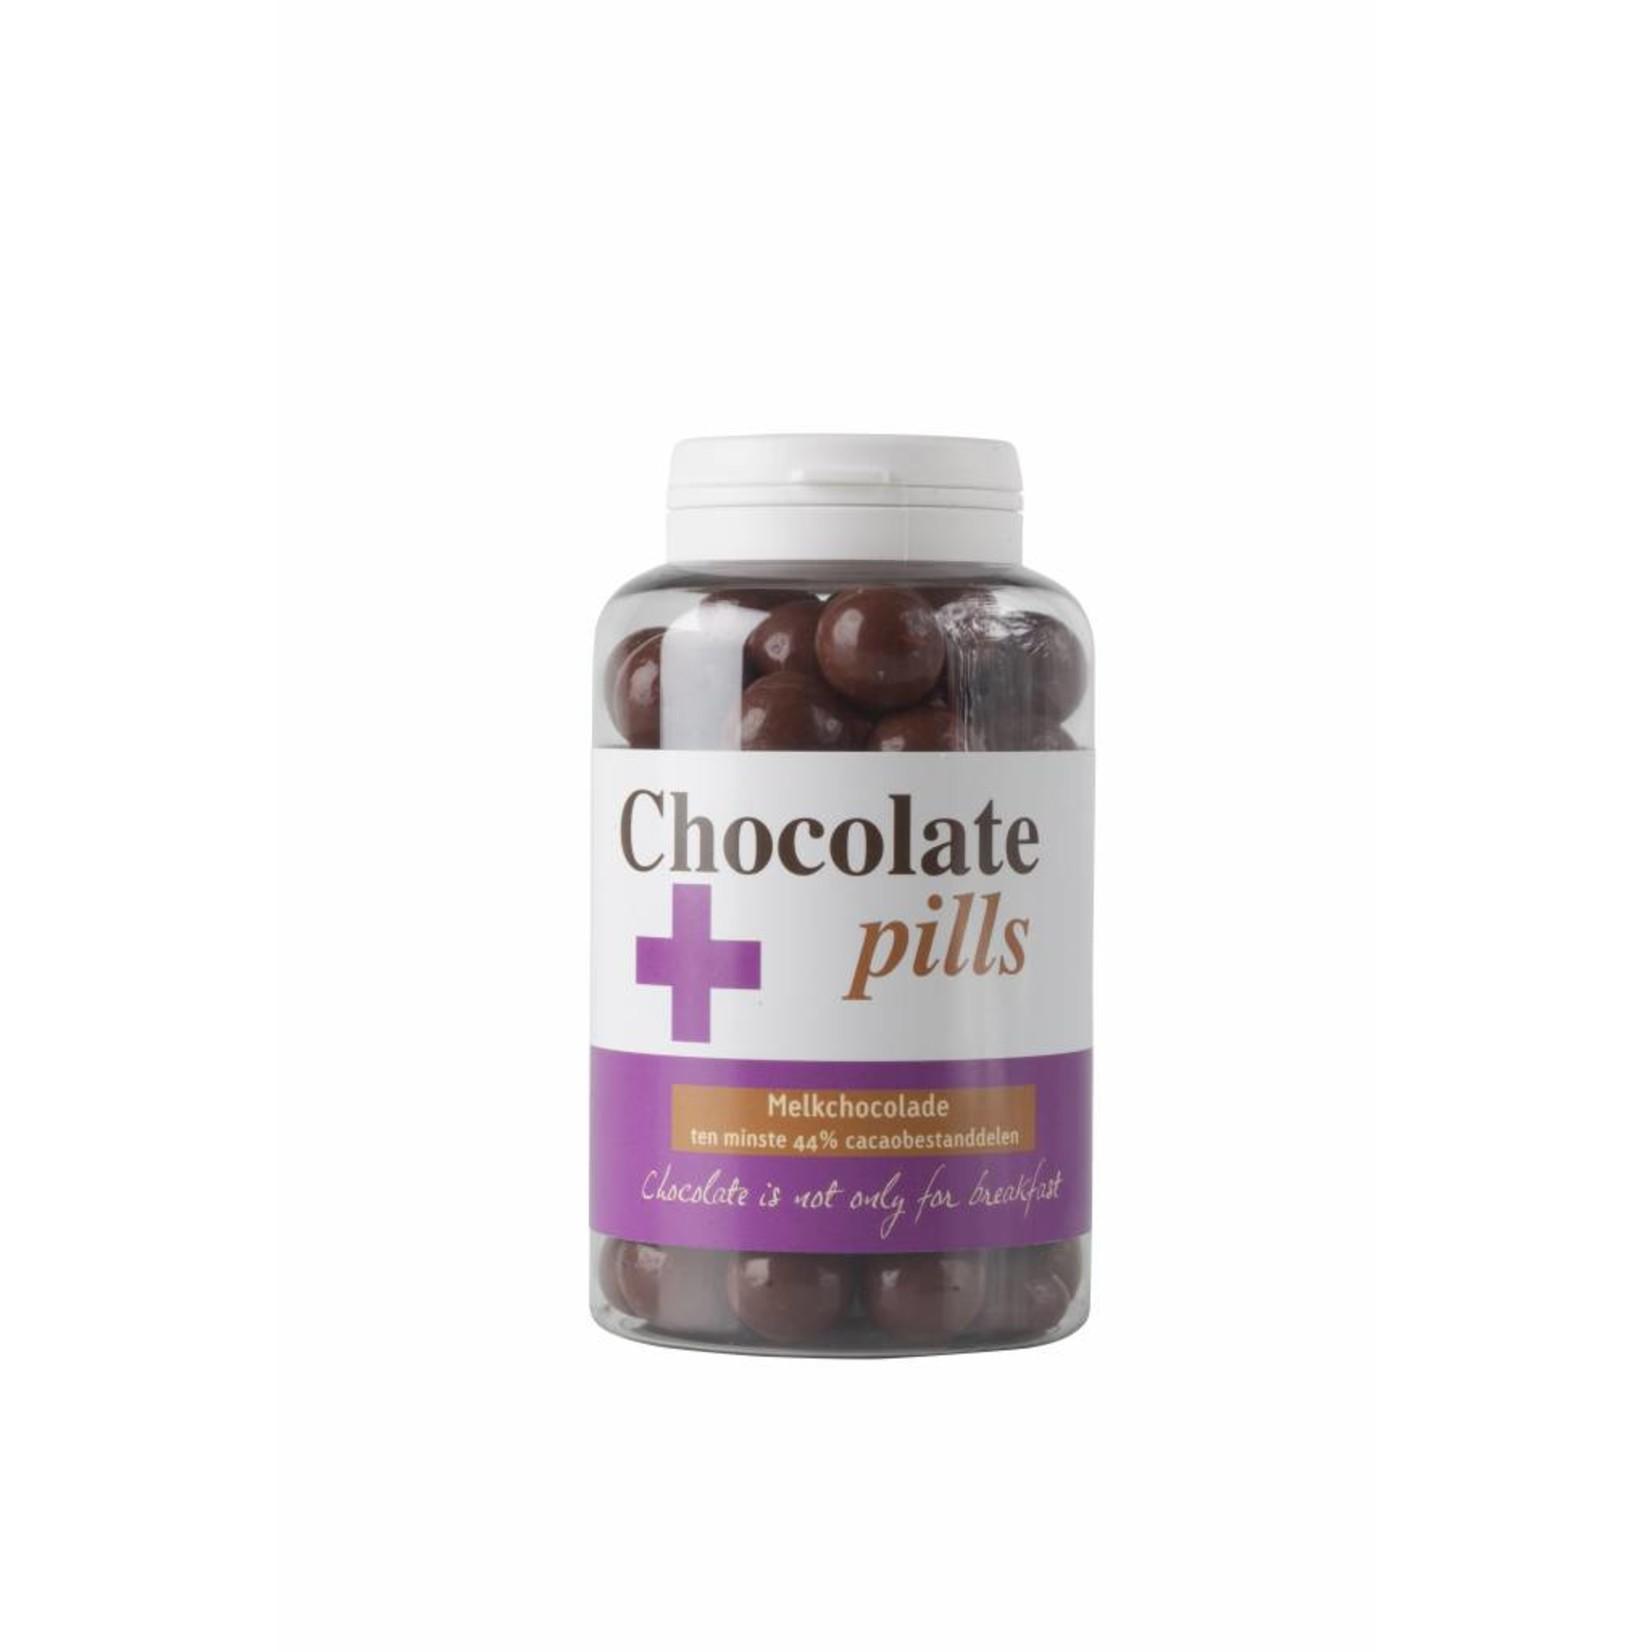 Chocoladepillen met melkchocolade